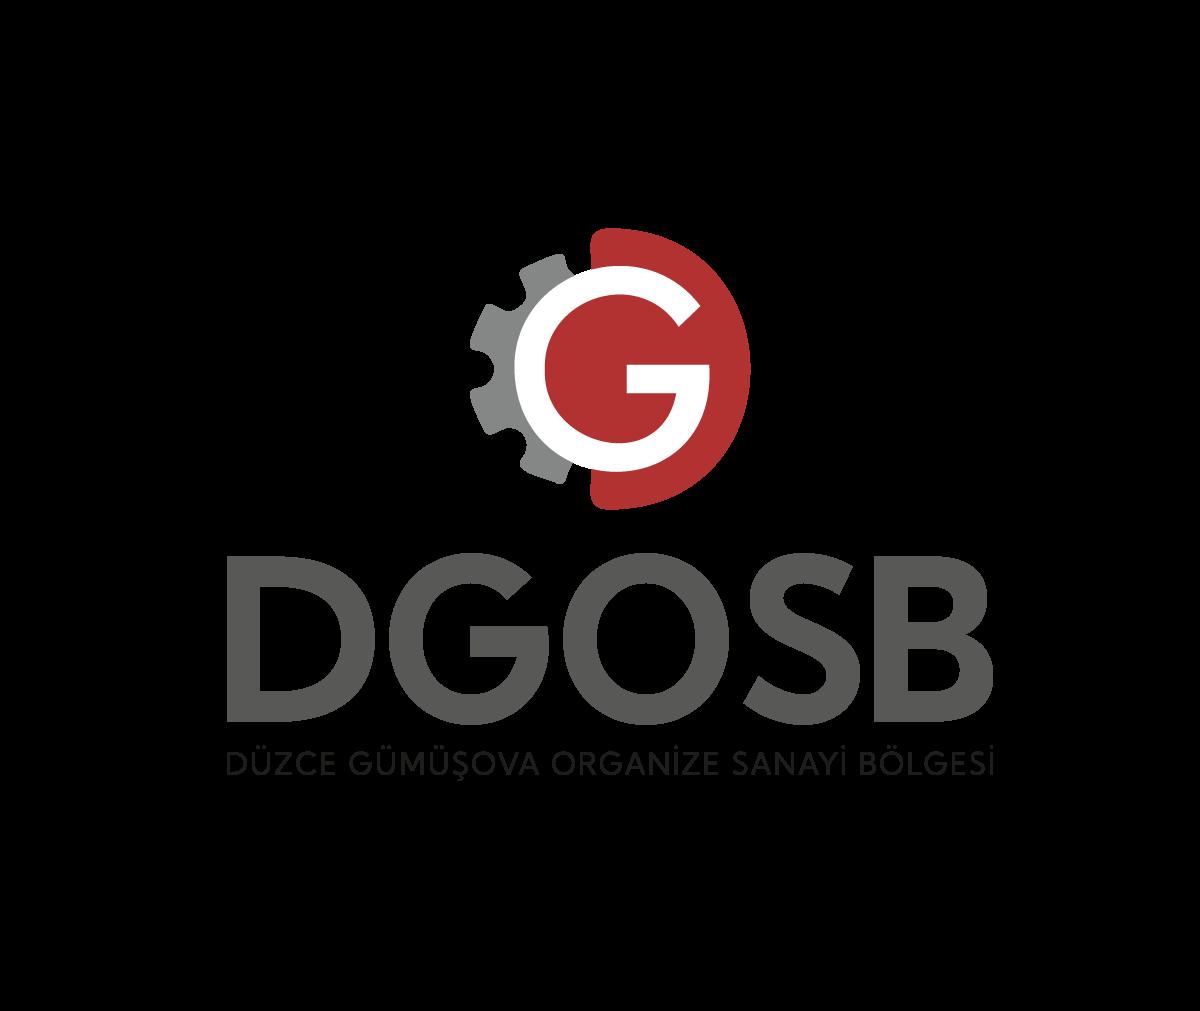 Düzce GOSB Logosu